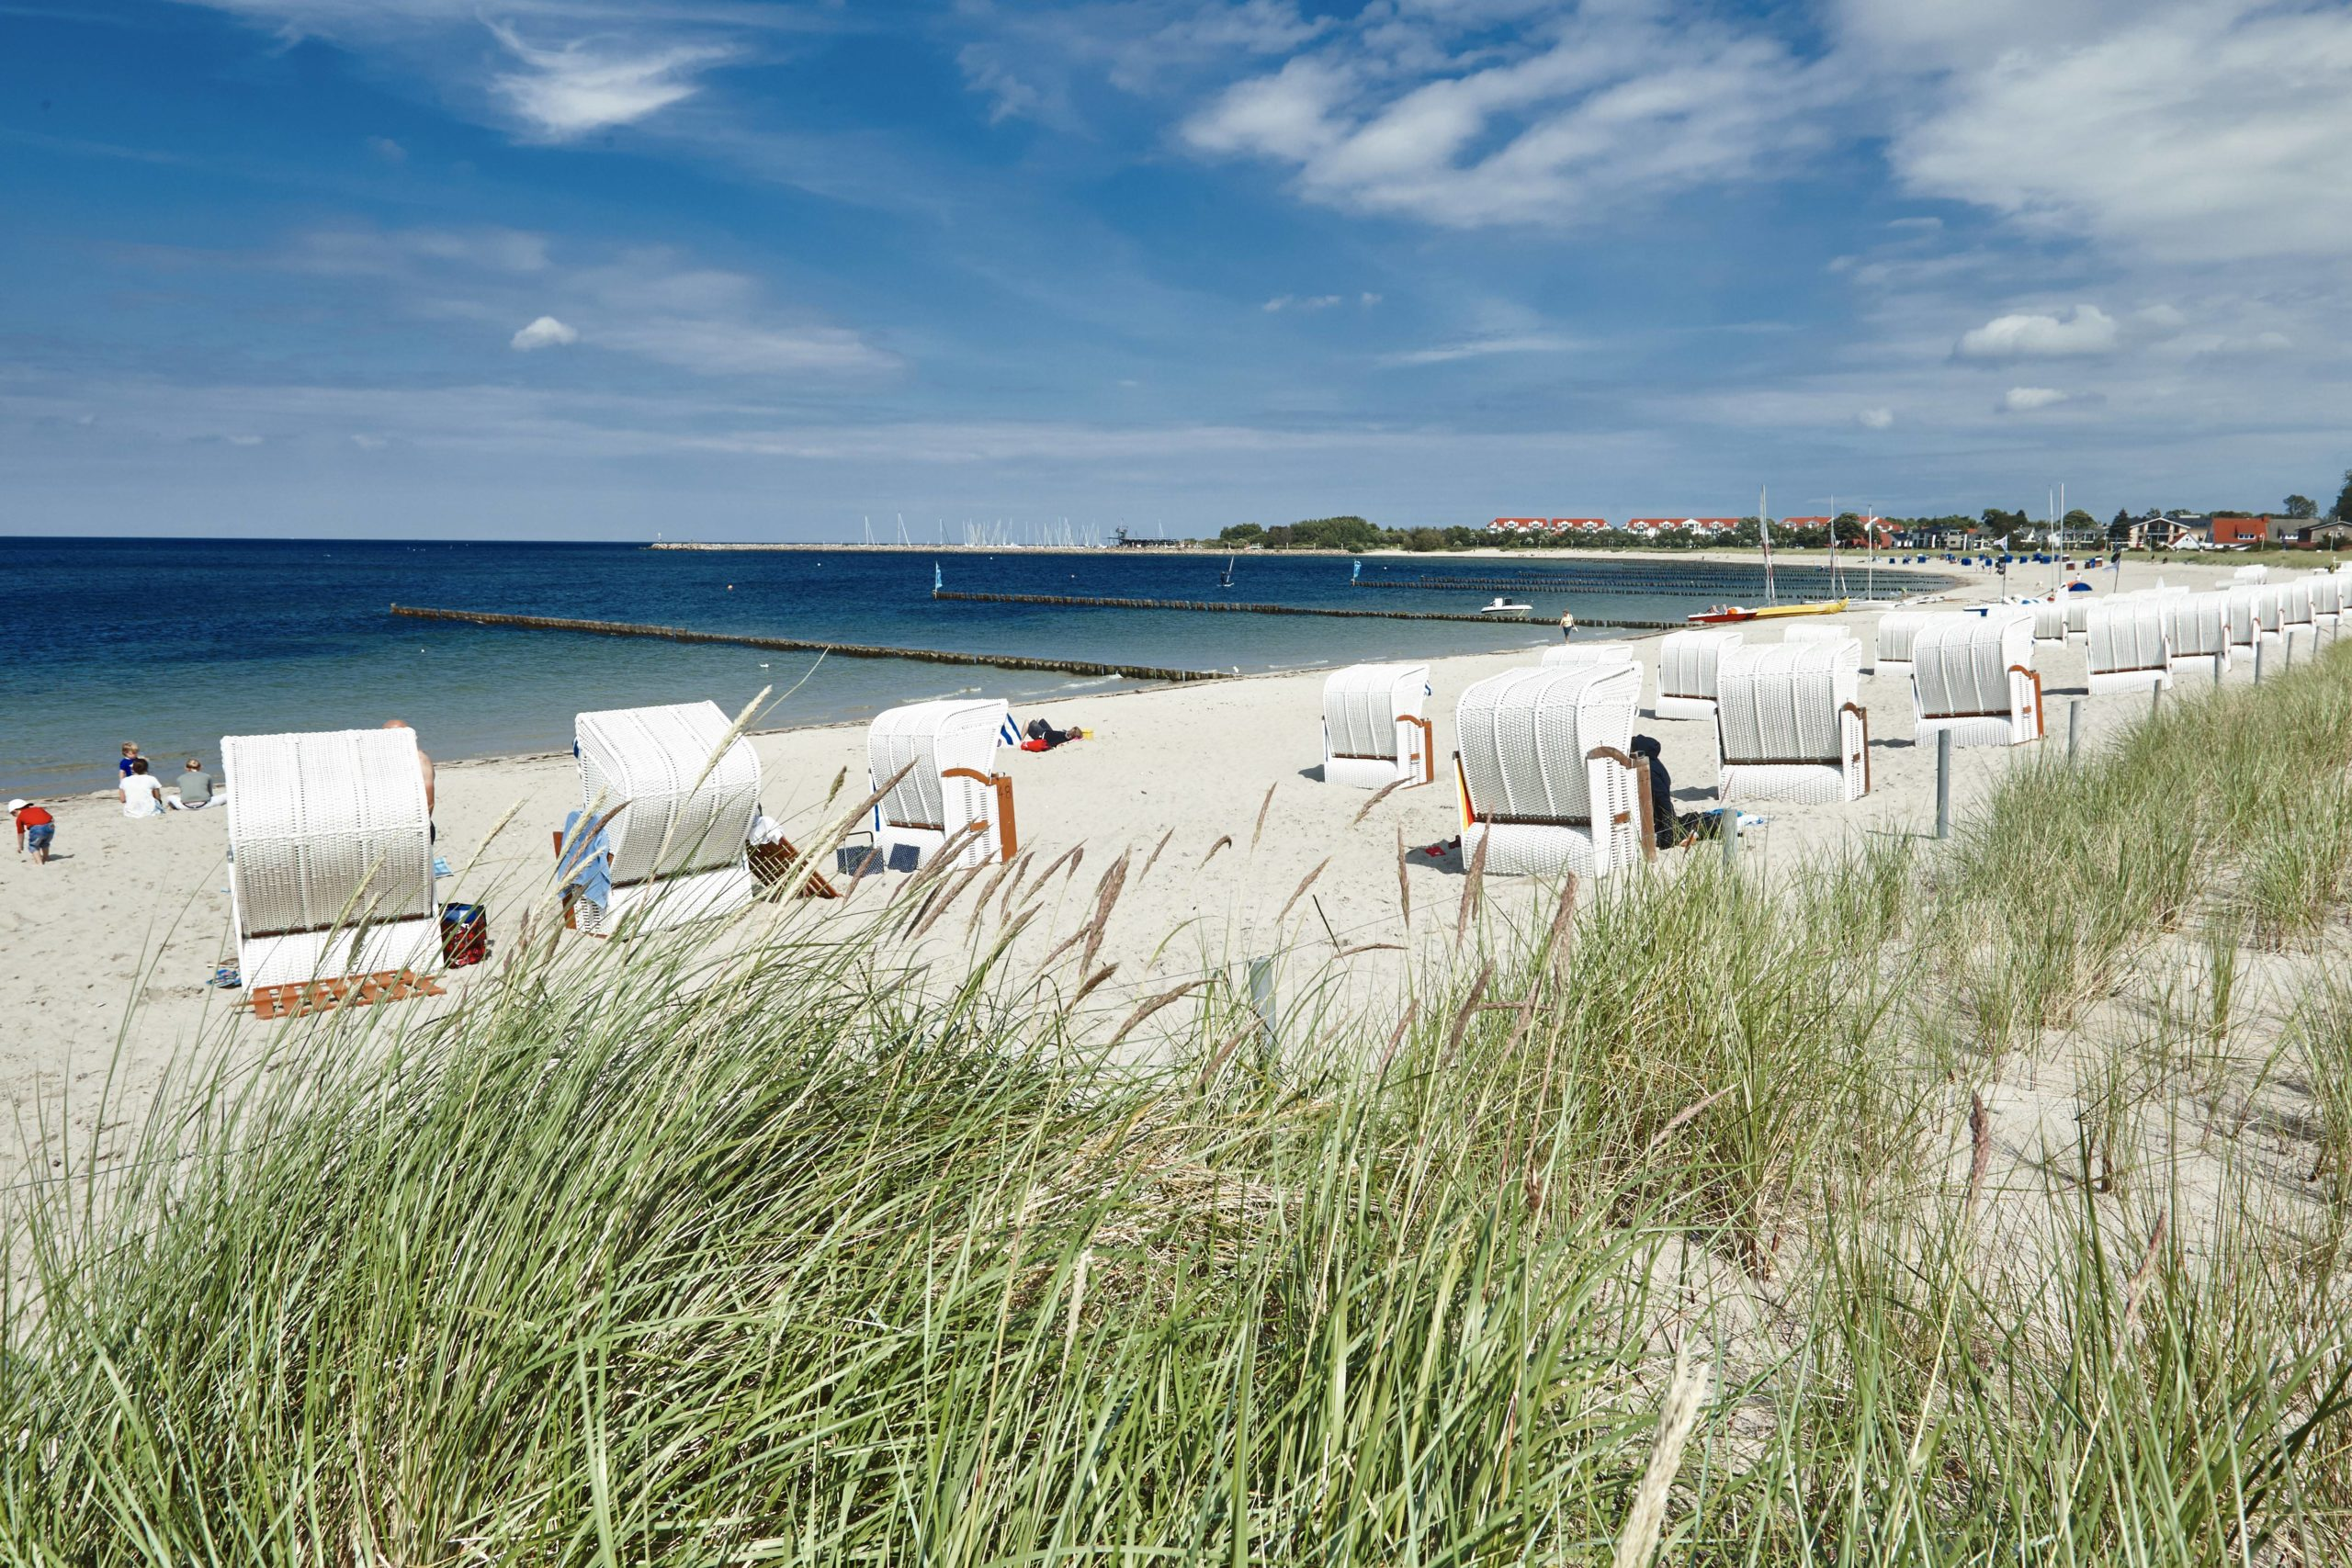 Schönste Strände Ostsee Der Strand Schaabe ist ein schöner Strand auf Rügen, an dem man immer noch ein ruhiges Plätzchen findet.